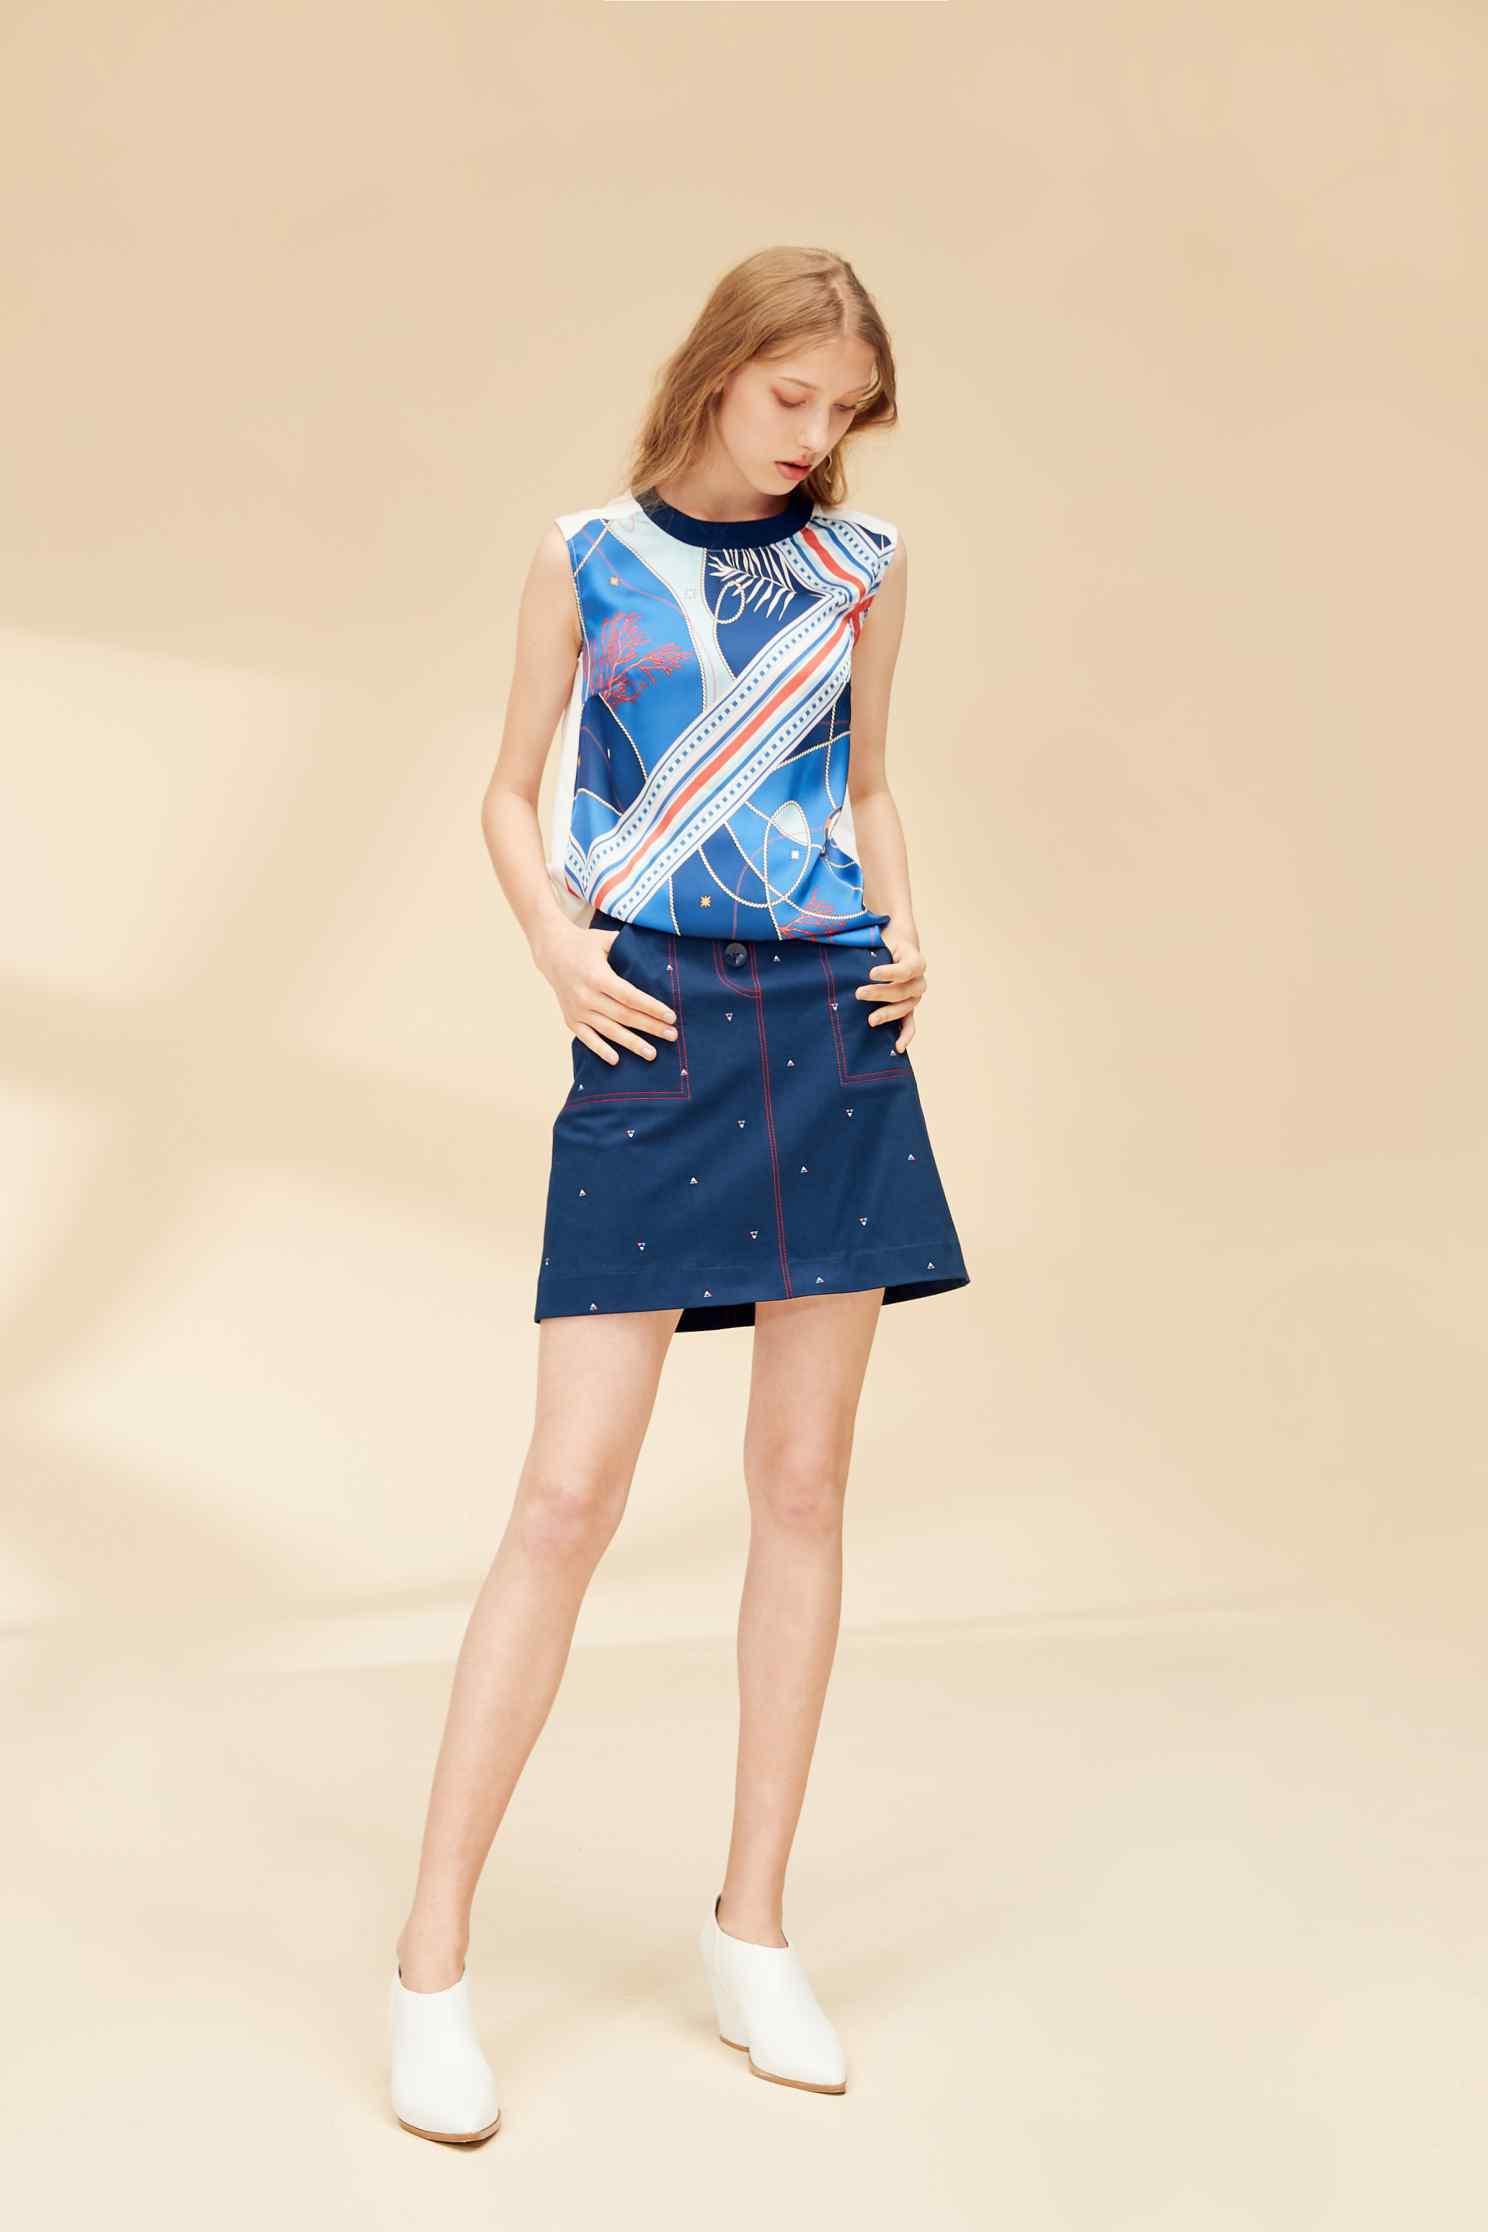 Ocean sytle fashion vest,top,vest